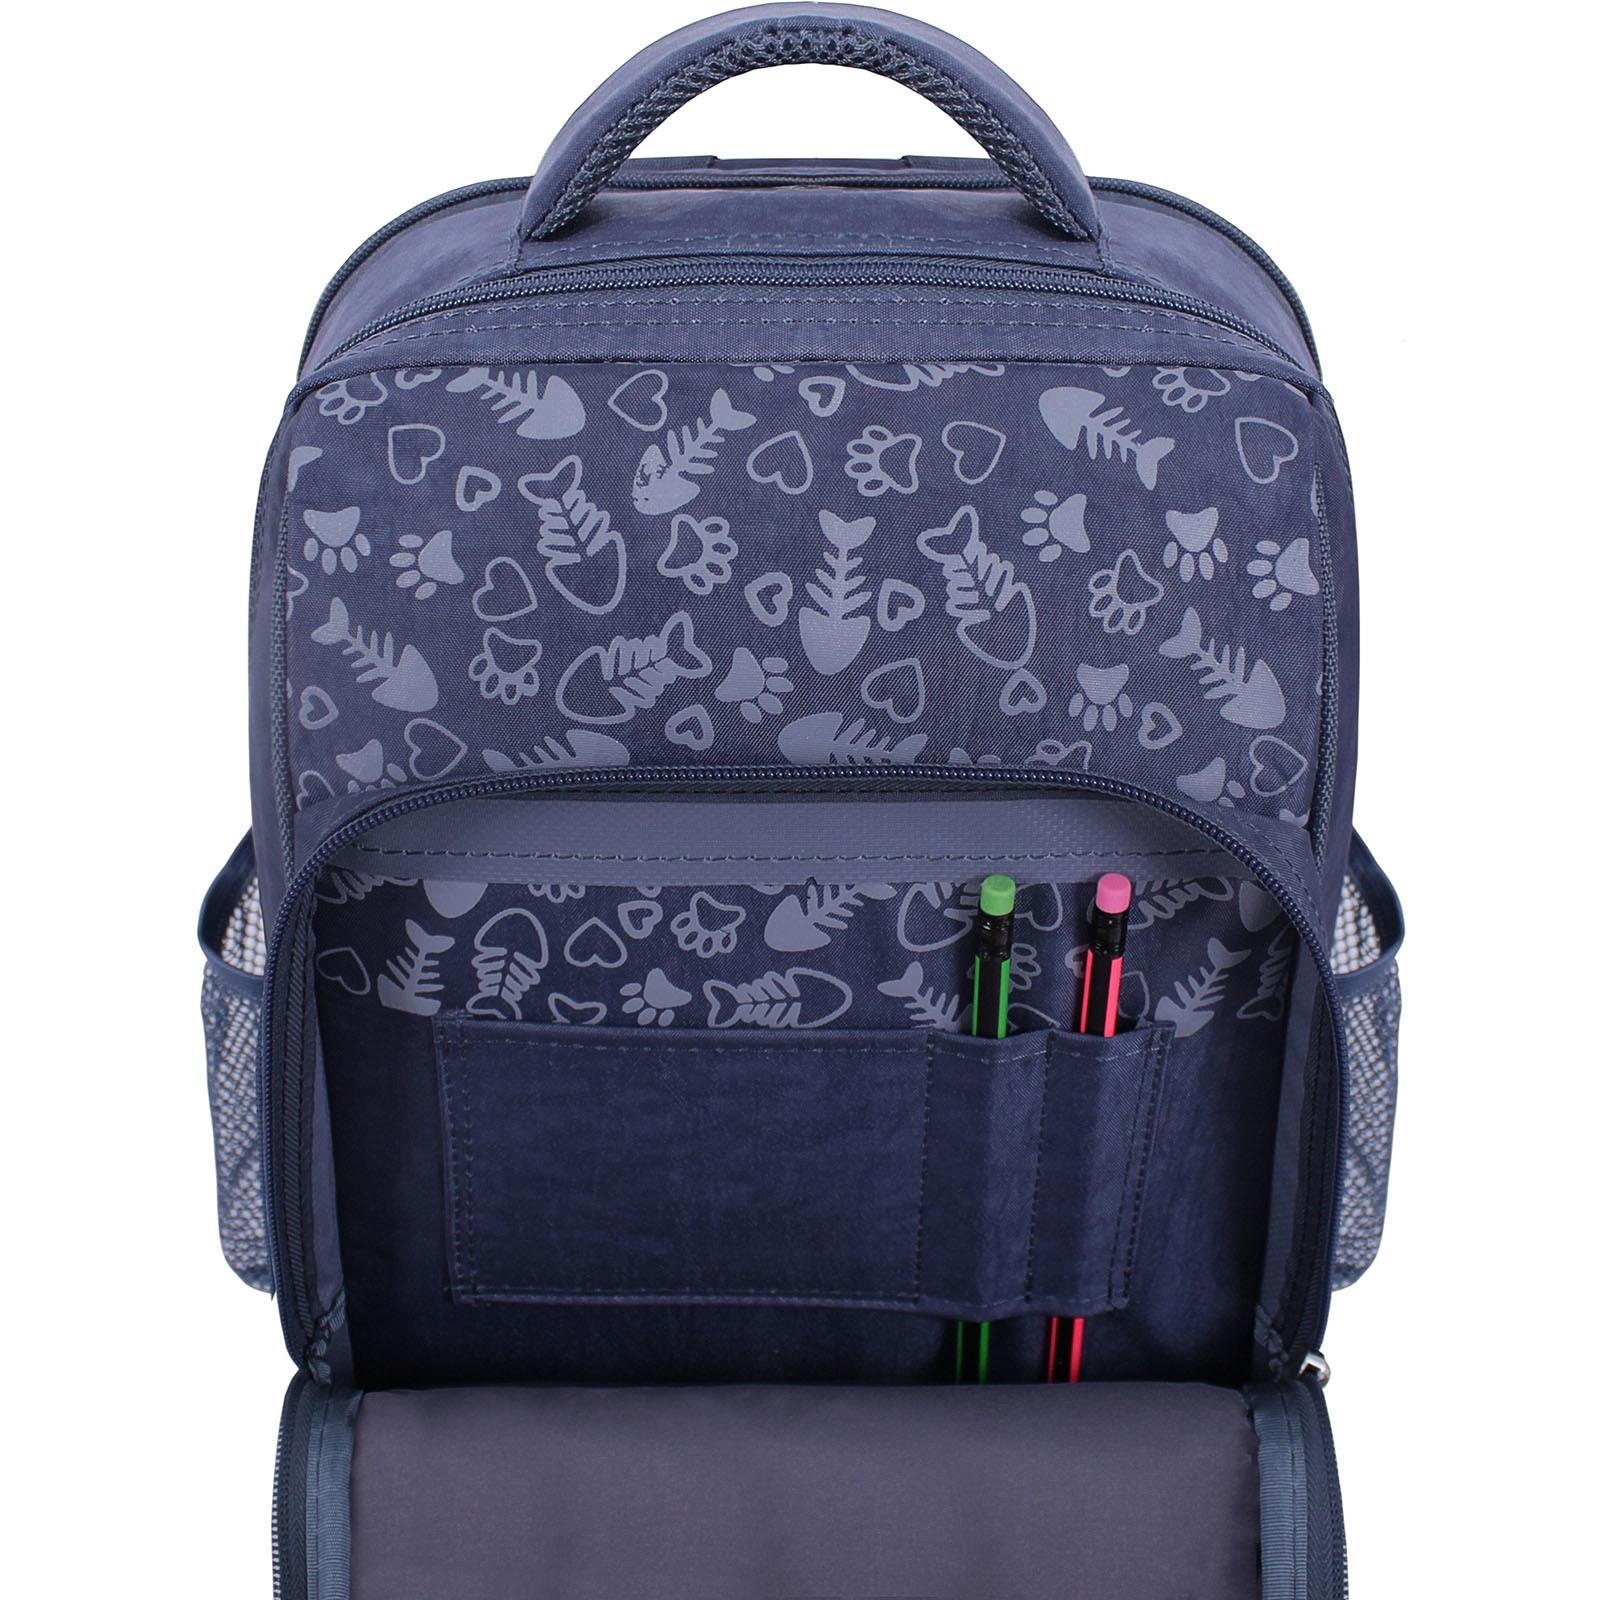 Рюкзак школьный Bagland Школьник 8 л. 321 серый 611 (0012870) фото 4